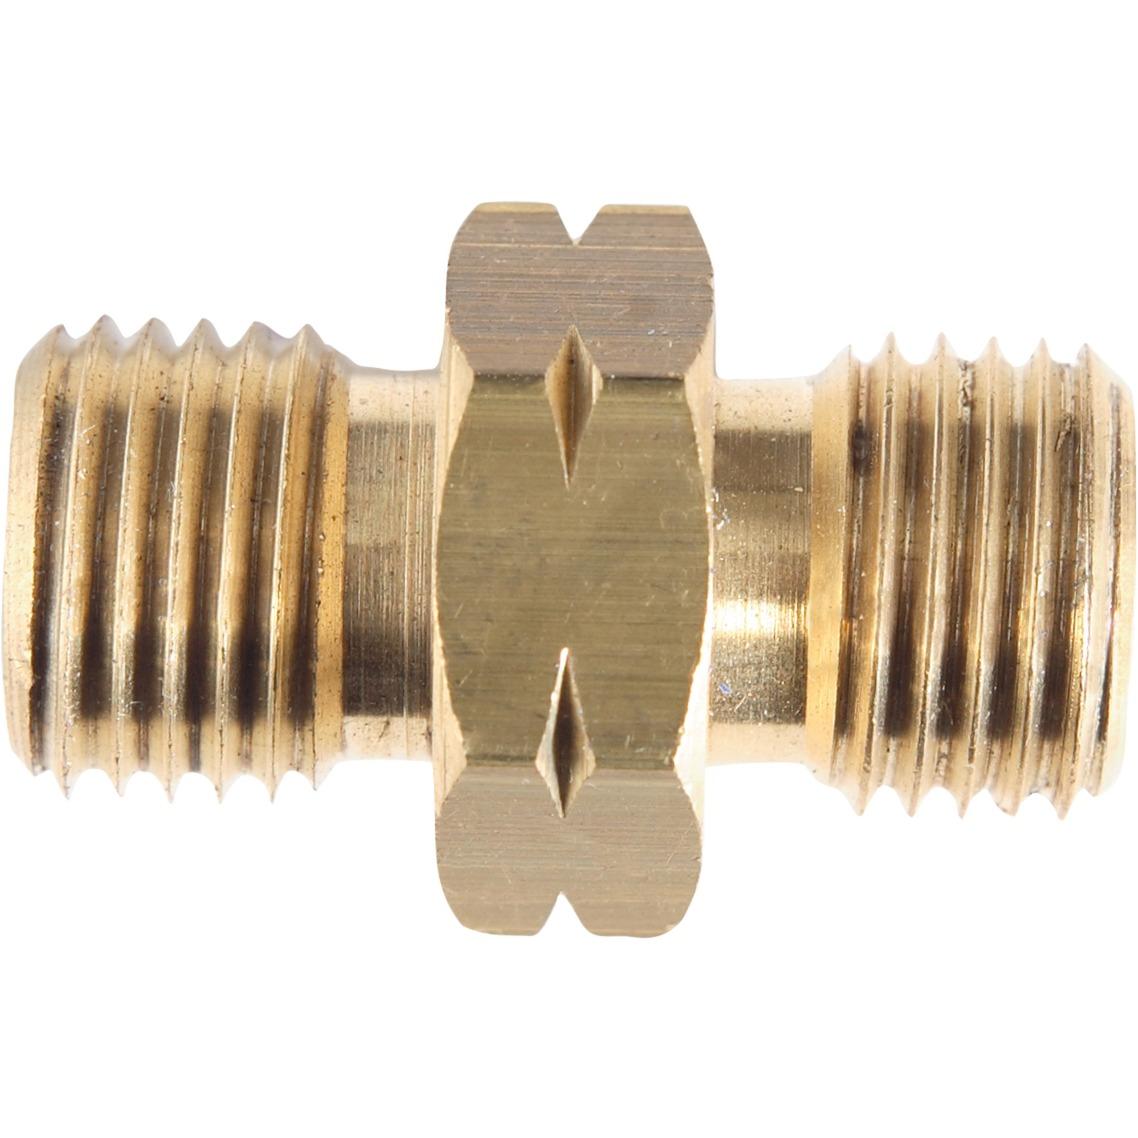 32429-slangestik-messing-1pcs-vandslange-beslag-forbindelse